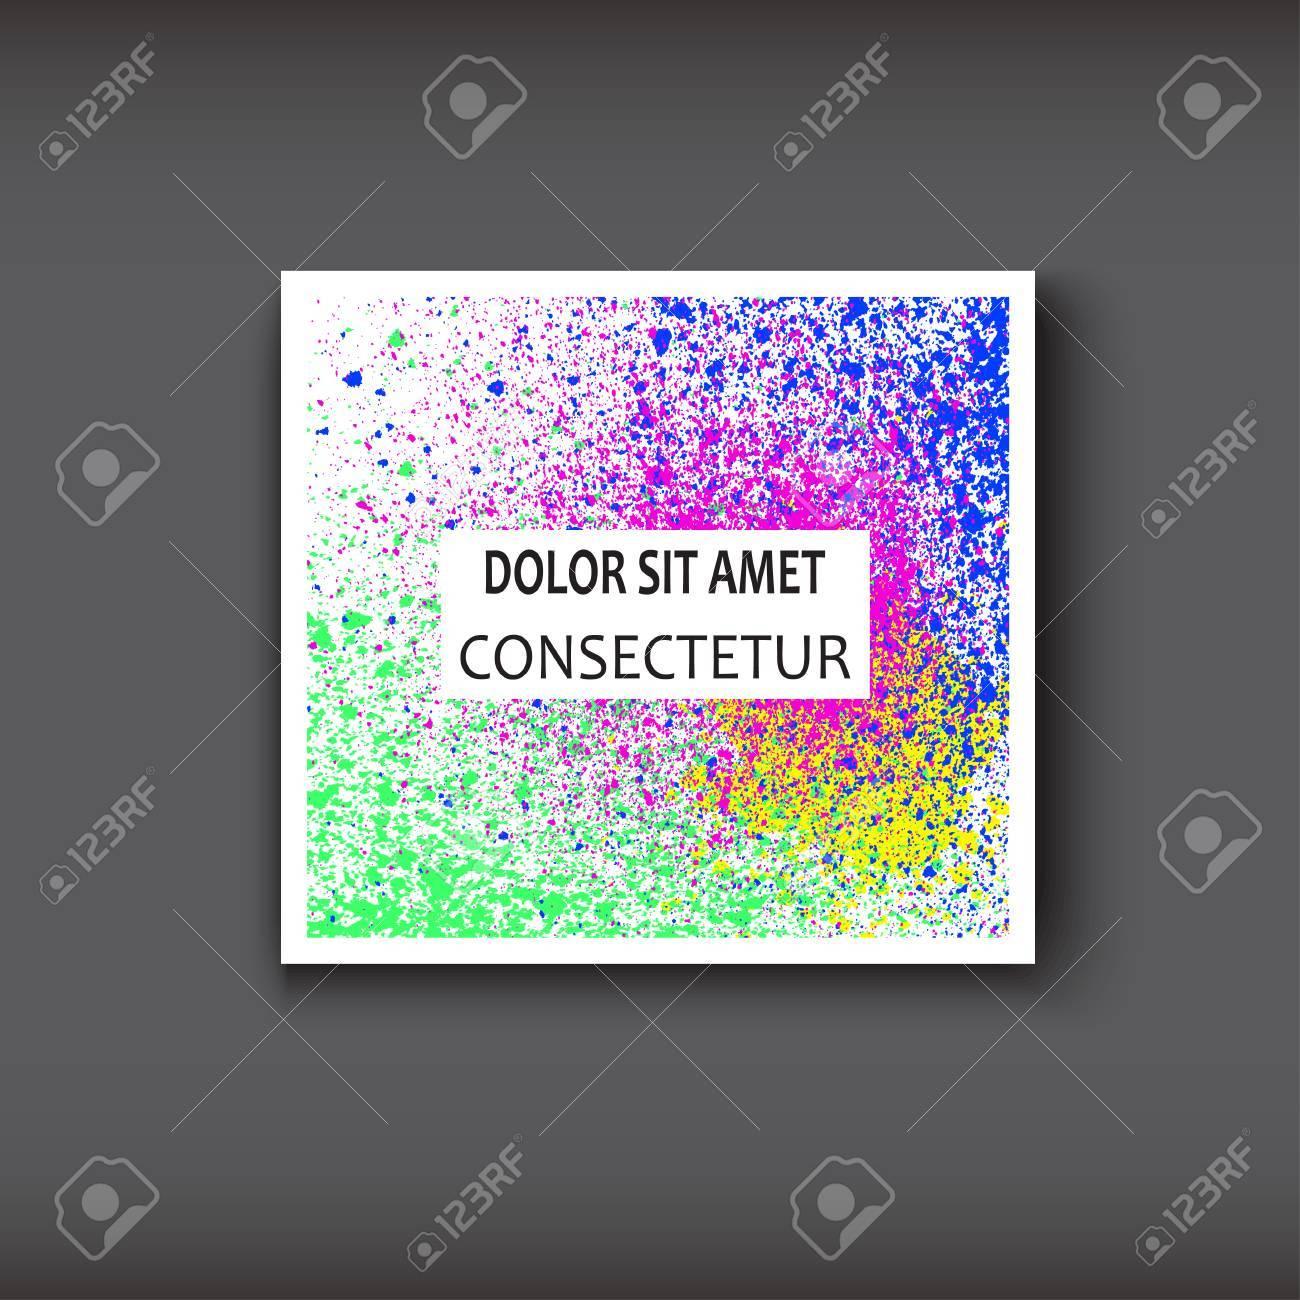 Couleurs De Peinture Dcorative Texture Fluide Blanc Illustration Vecteur Modle Branch Pour Flyer Carte Visite Affiche Manuel Bannire